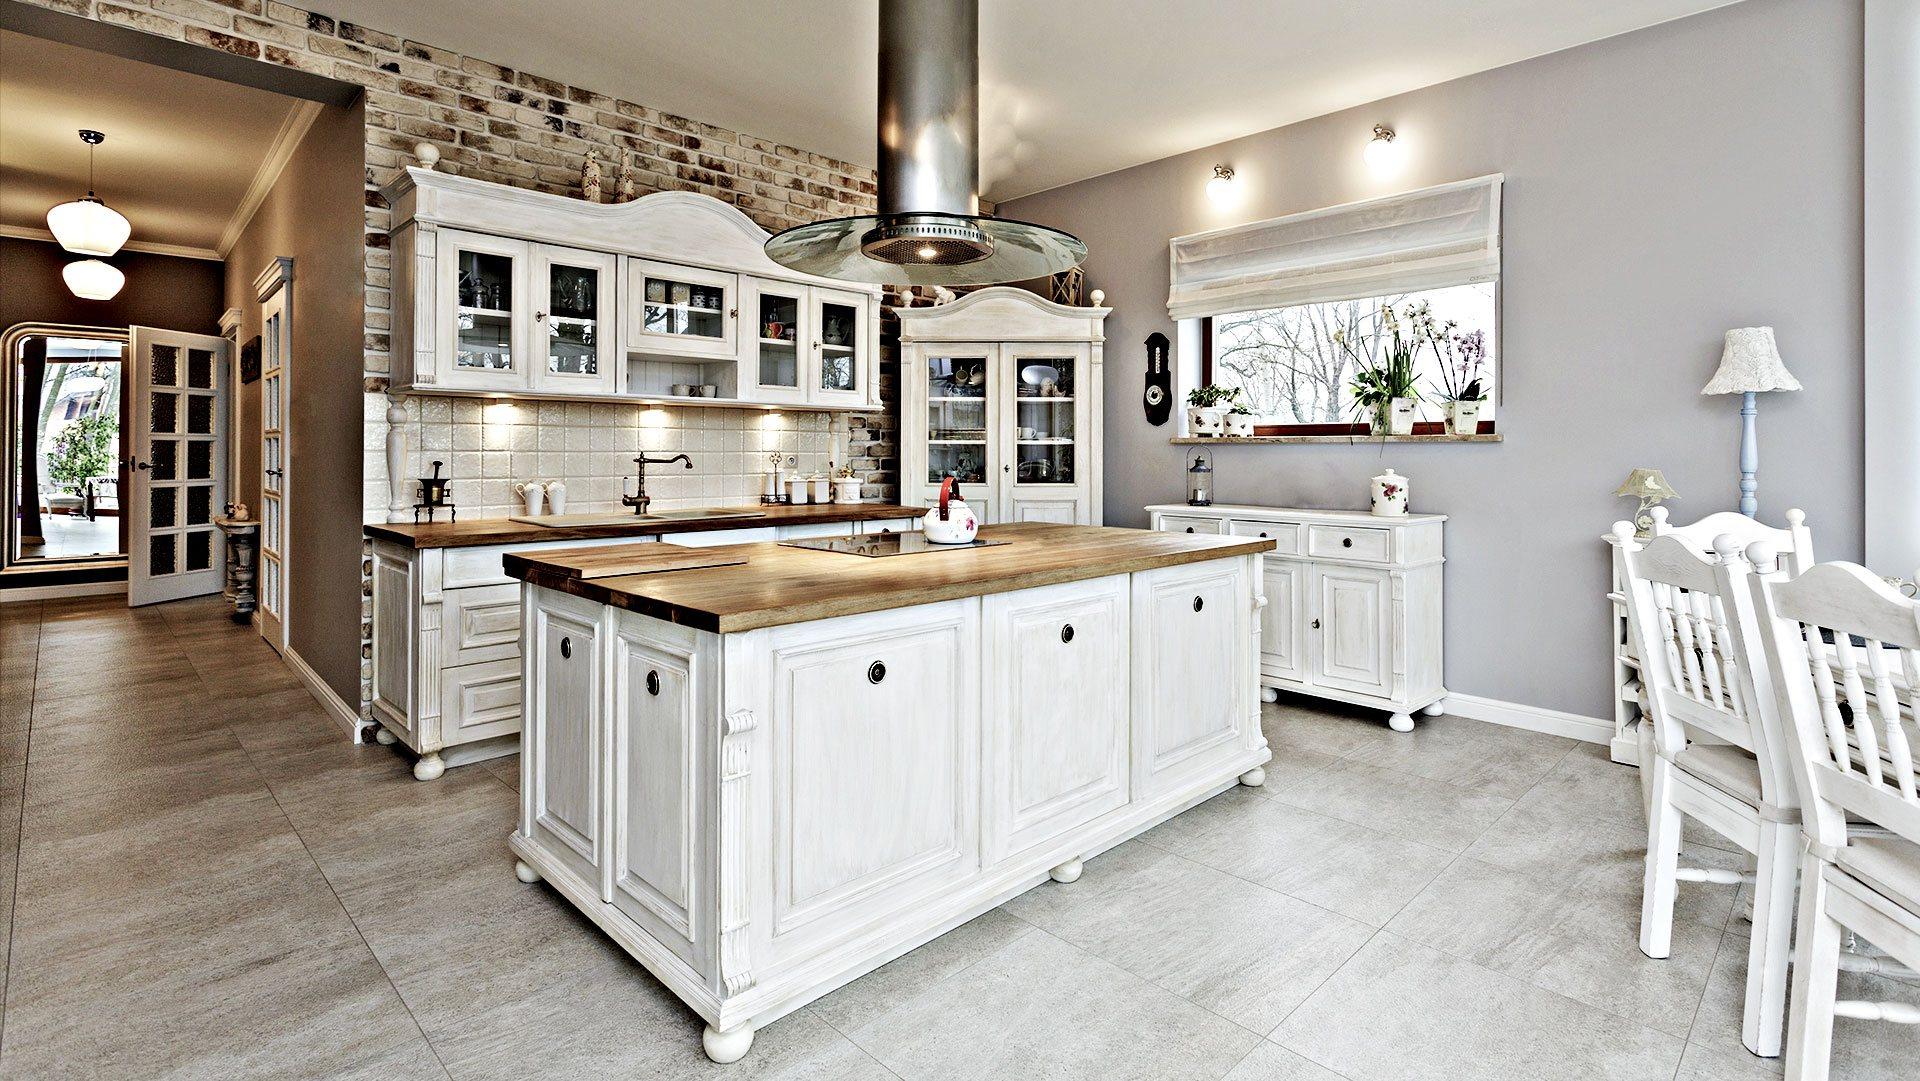 Sandridge Home Improvement Remodeled Kitchen 2